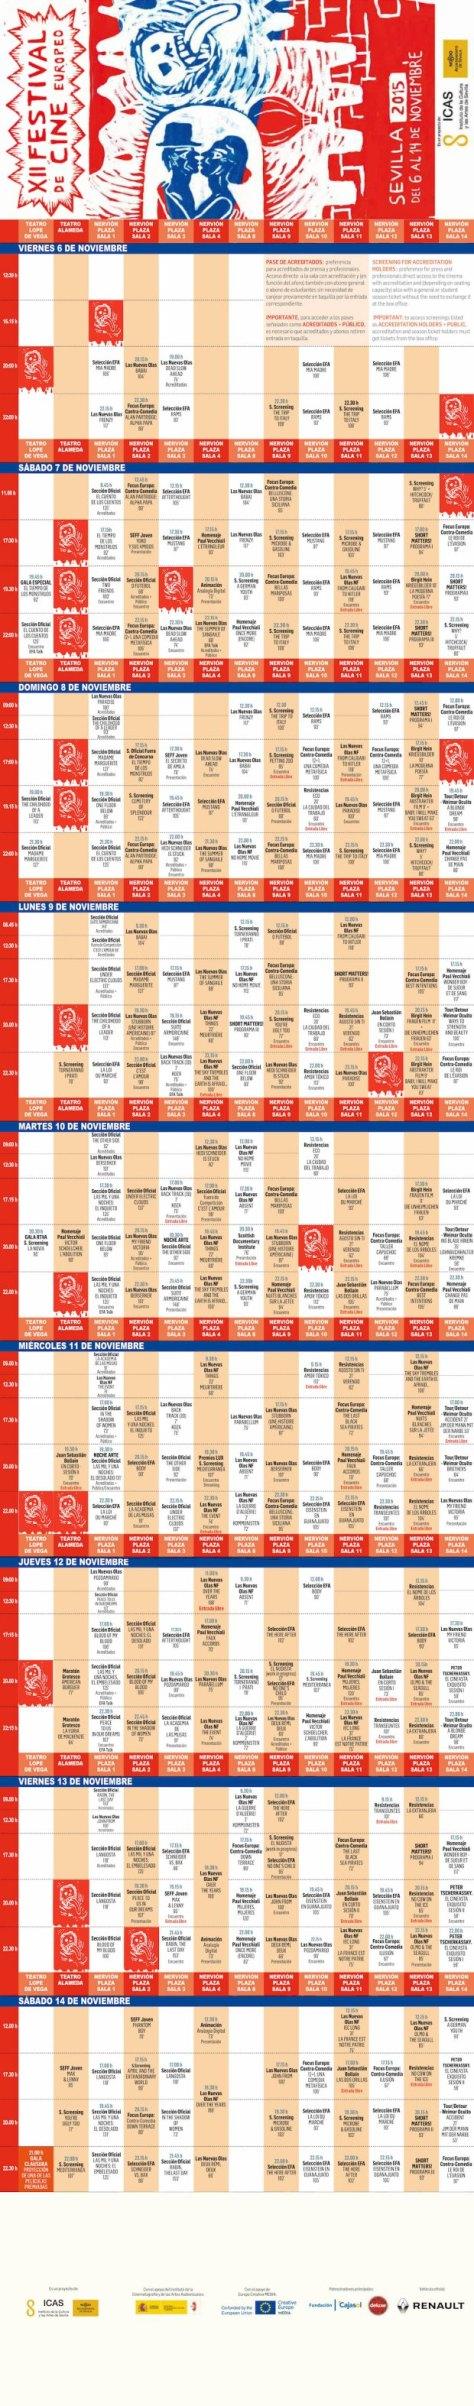 SEFF15_Calendario_de_proyecciones_provisional_sujeto_a_cambios-1